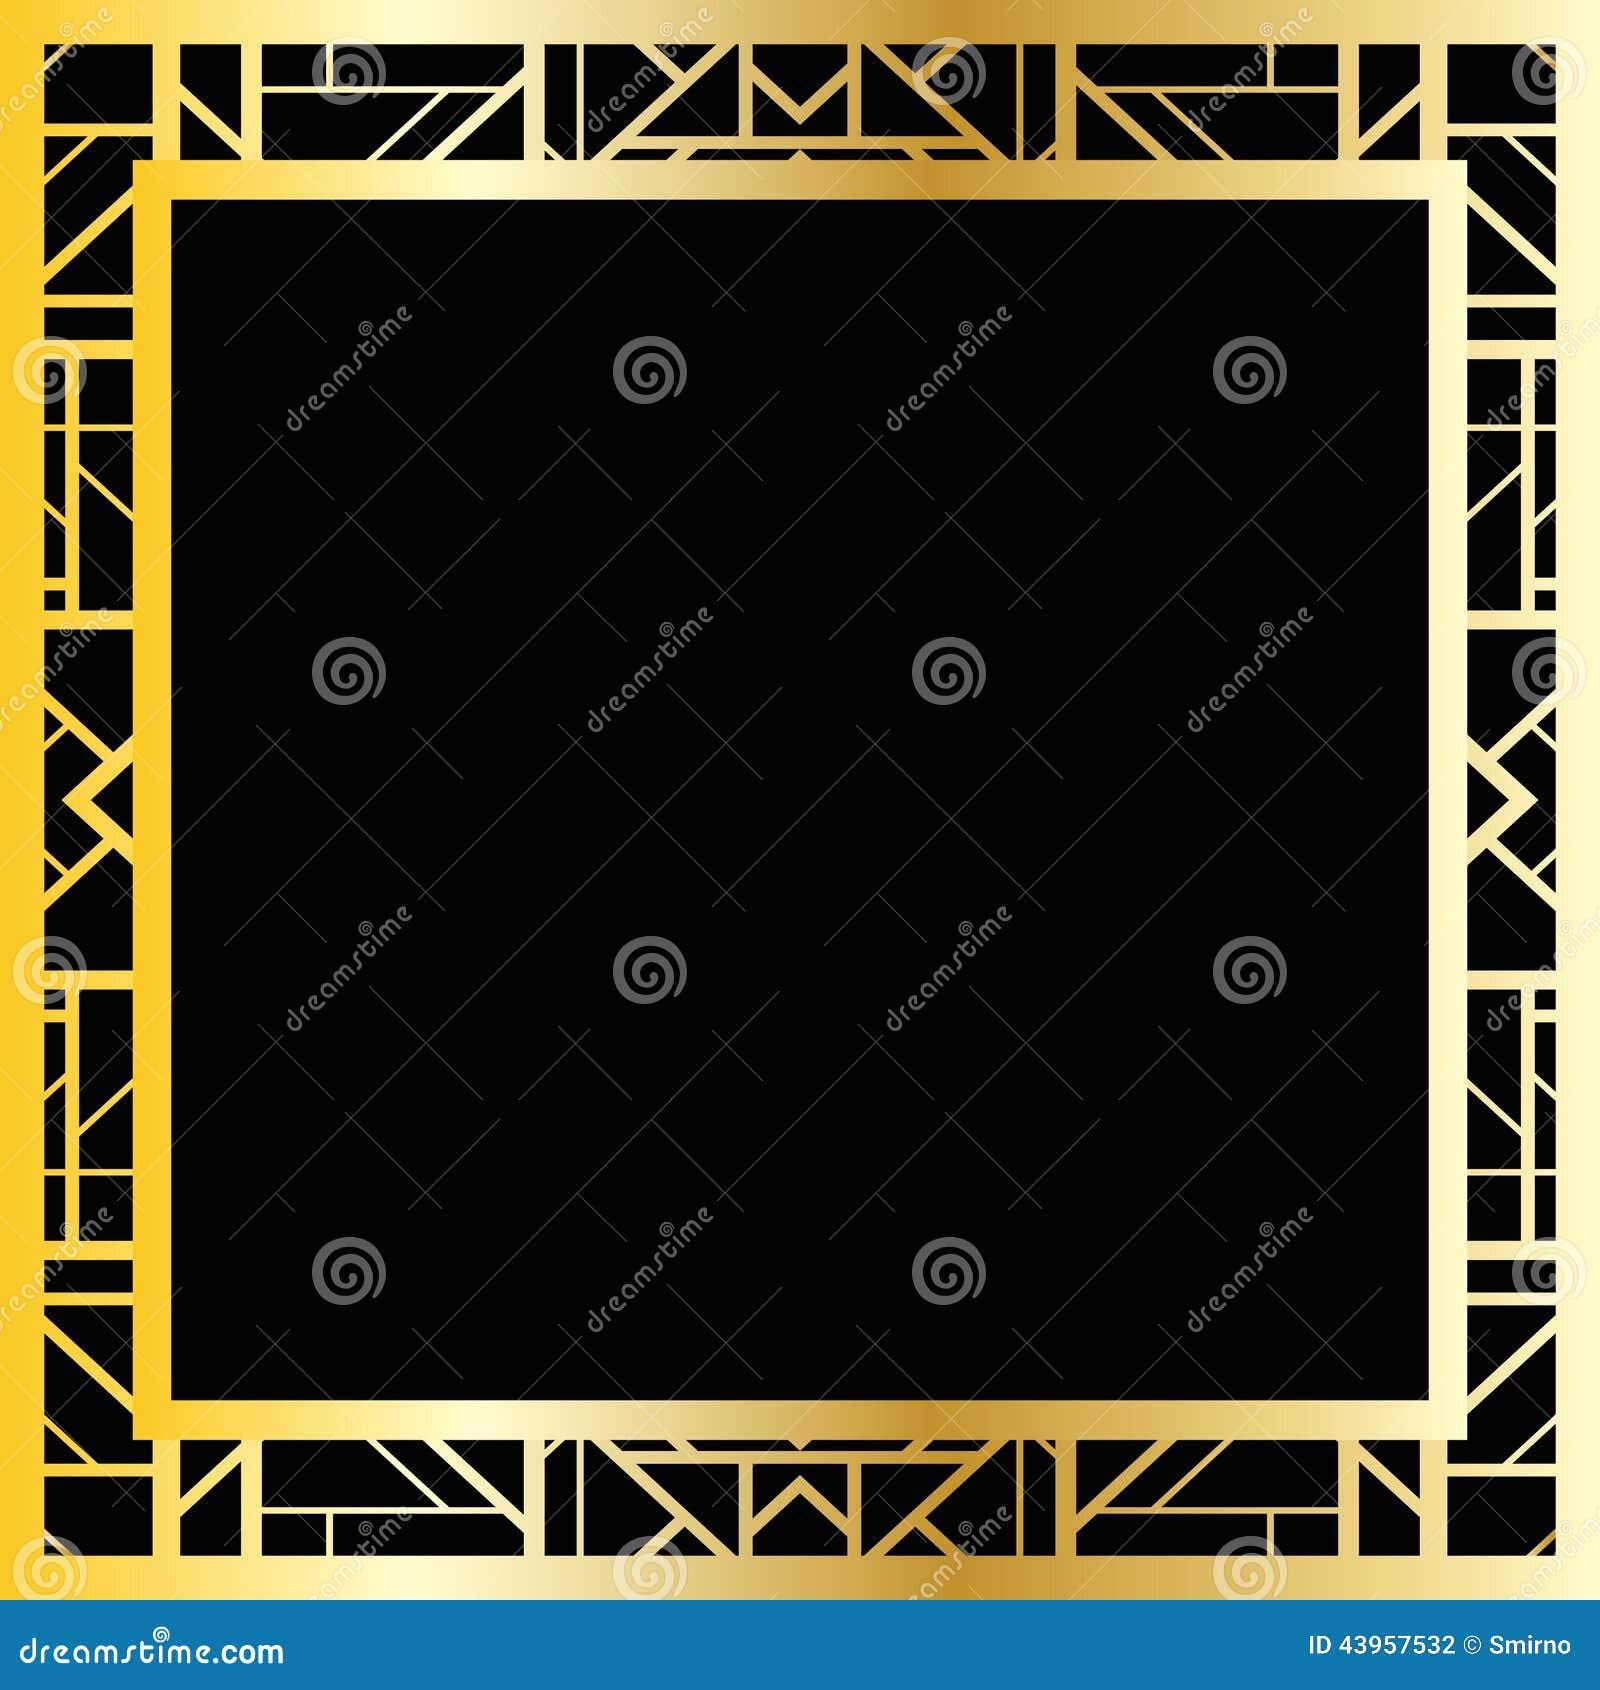 cadre géométrique d'art déco (style des années 1920), illustration